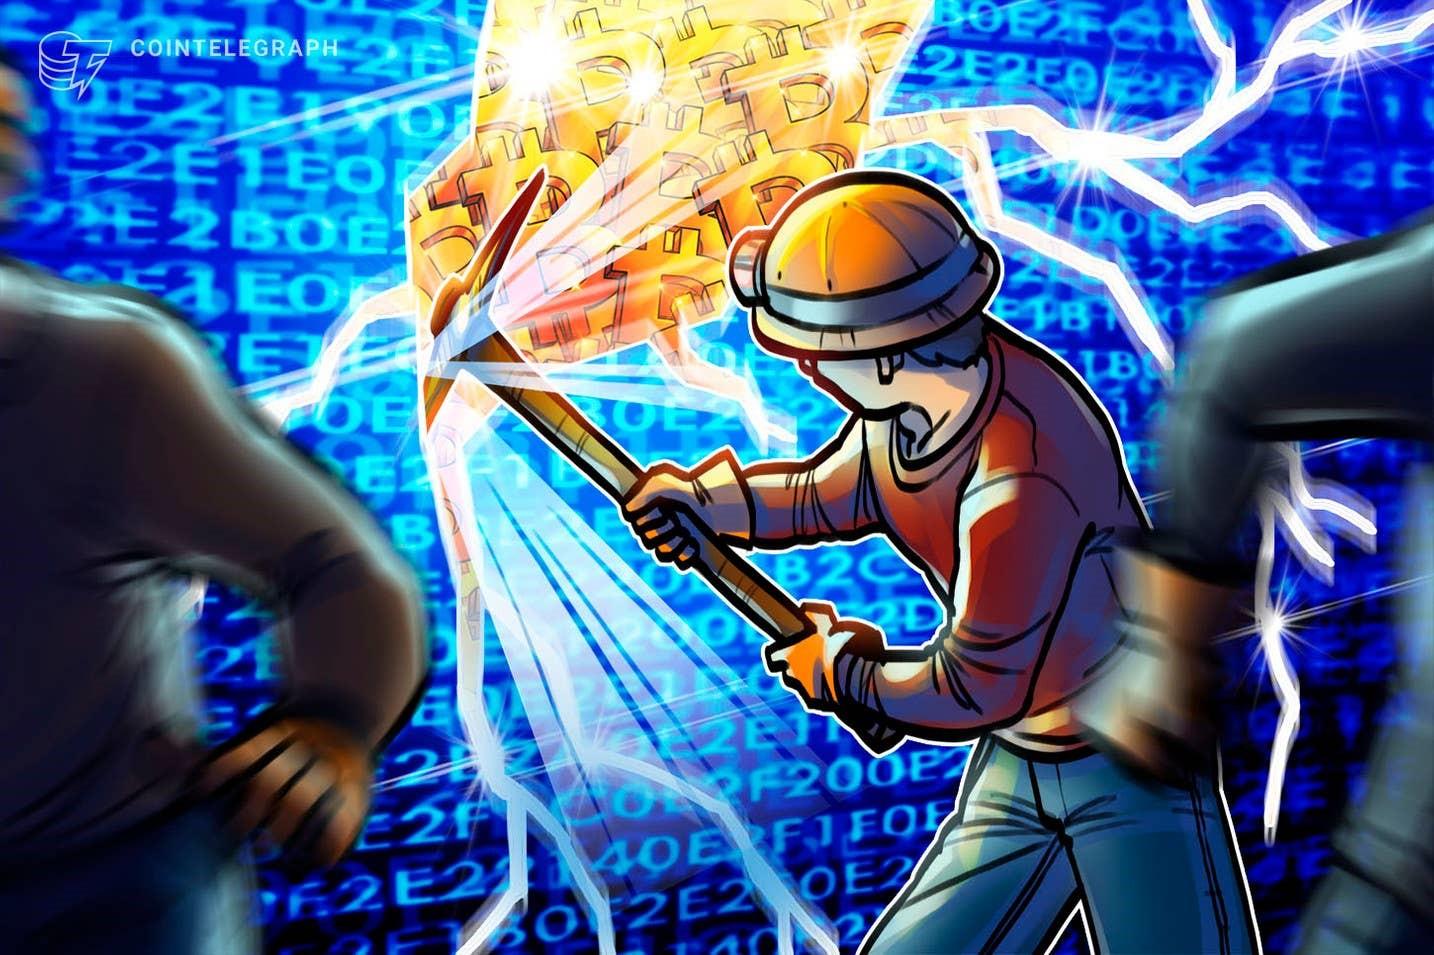 خرید و انباشت کردن 600 میلیون دلار بیتکوین توسط ماینرها